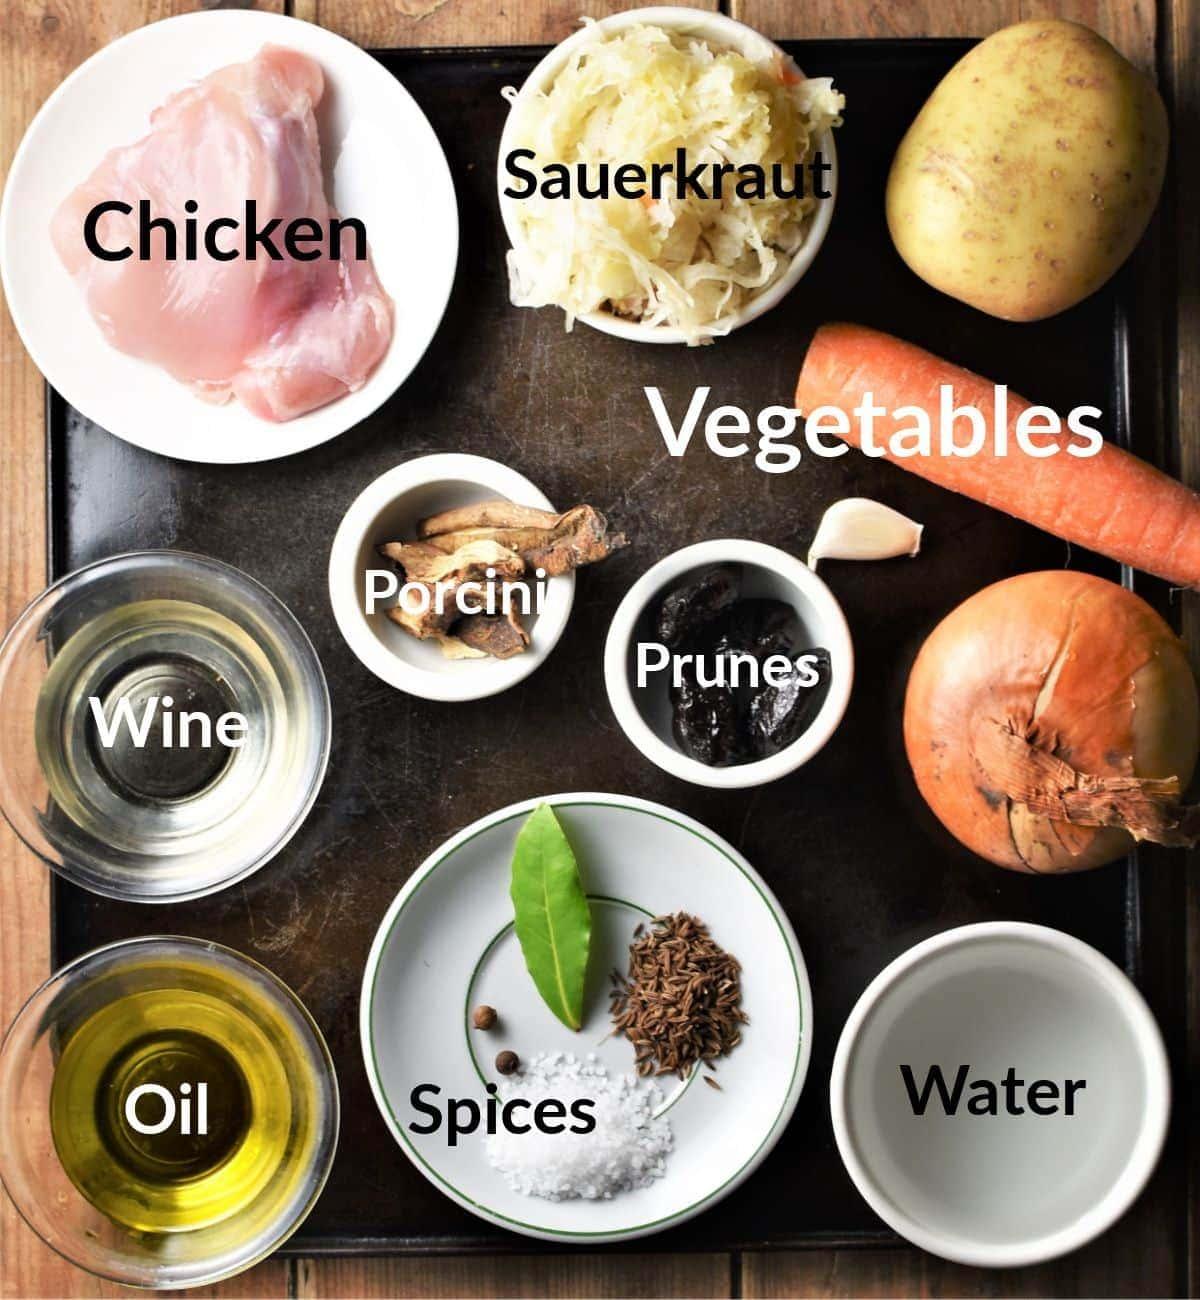 Sauerkraut casserole ingredients in individual dishes.